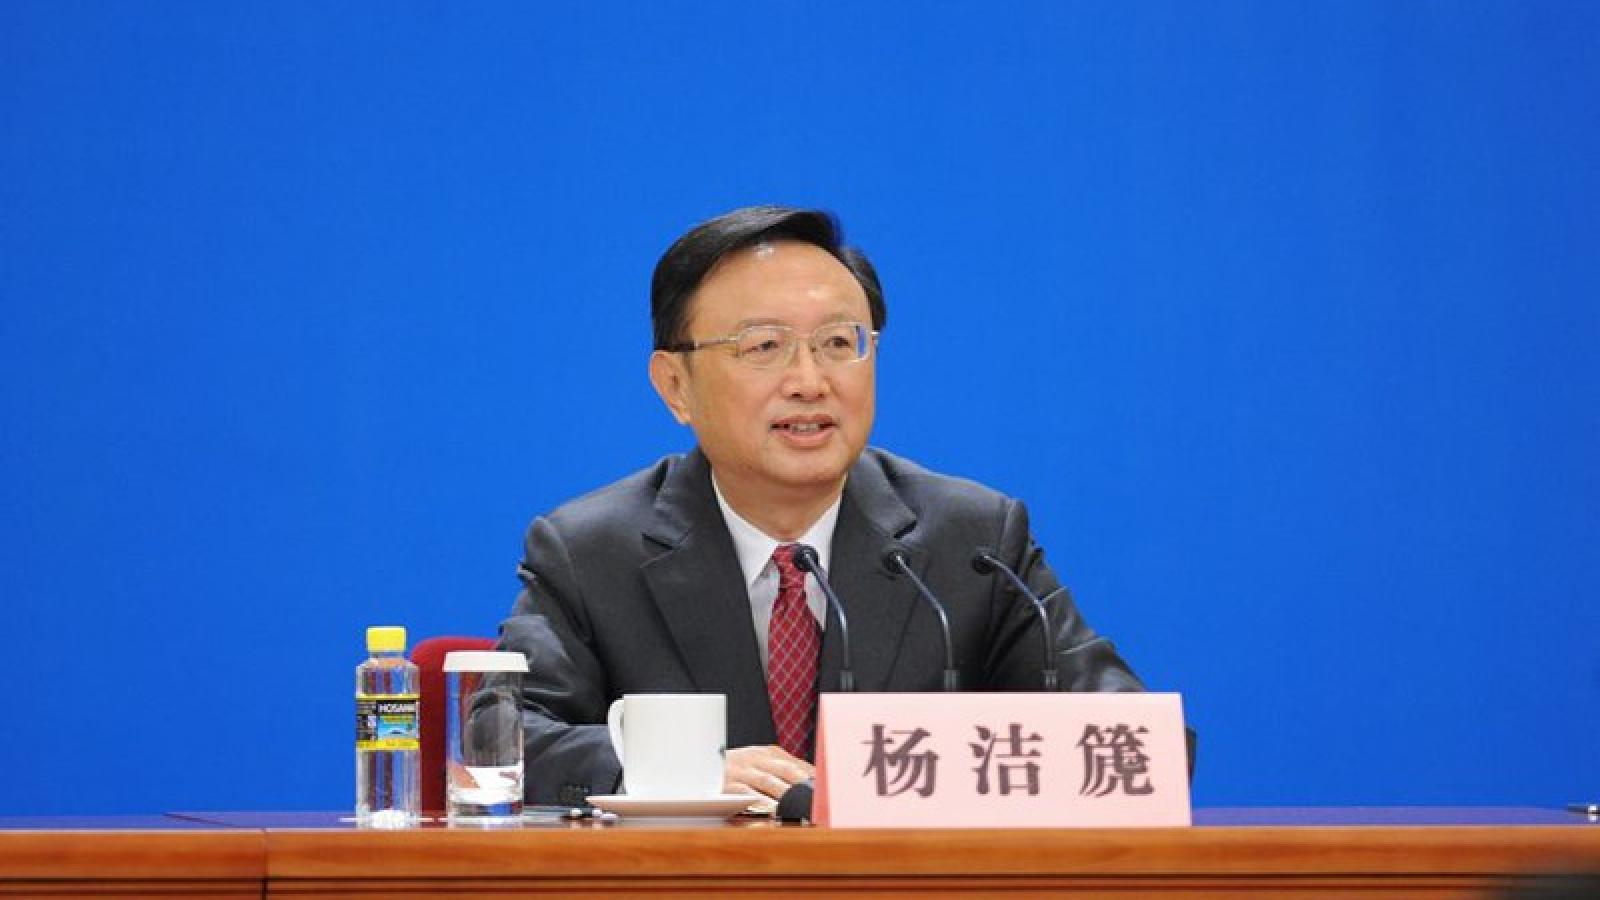 Quan chức Trung Quốc thăm Hàn Quốc bàn về chuyến thăm của ông Tập Cận Bình